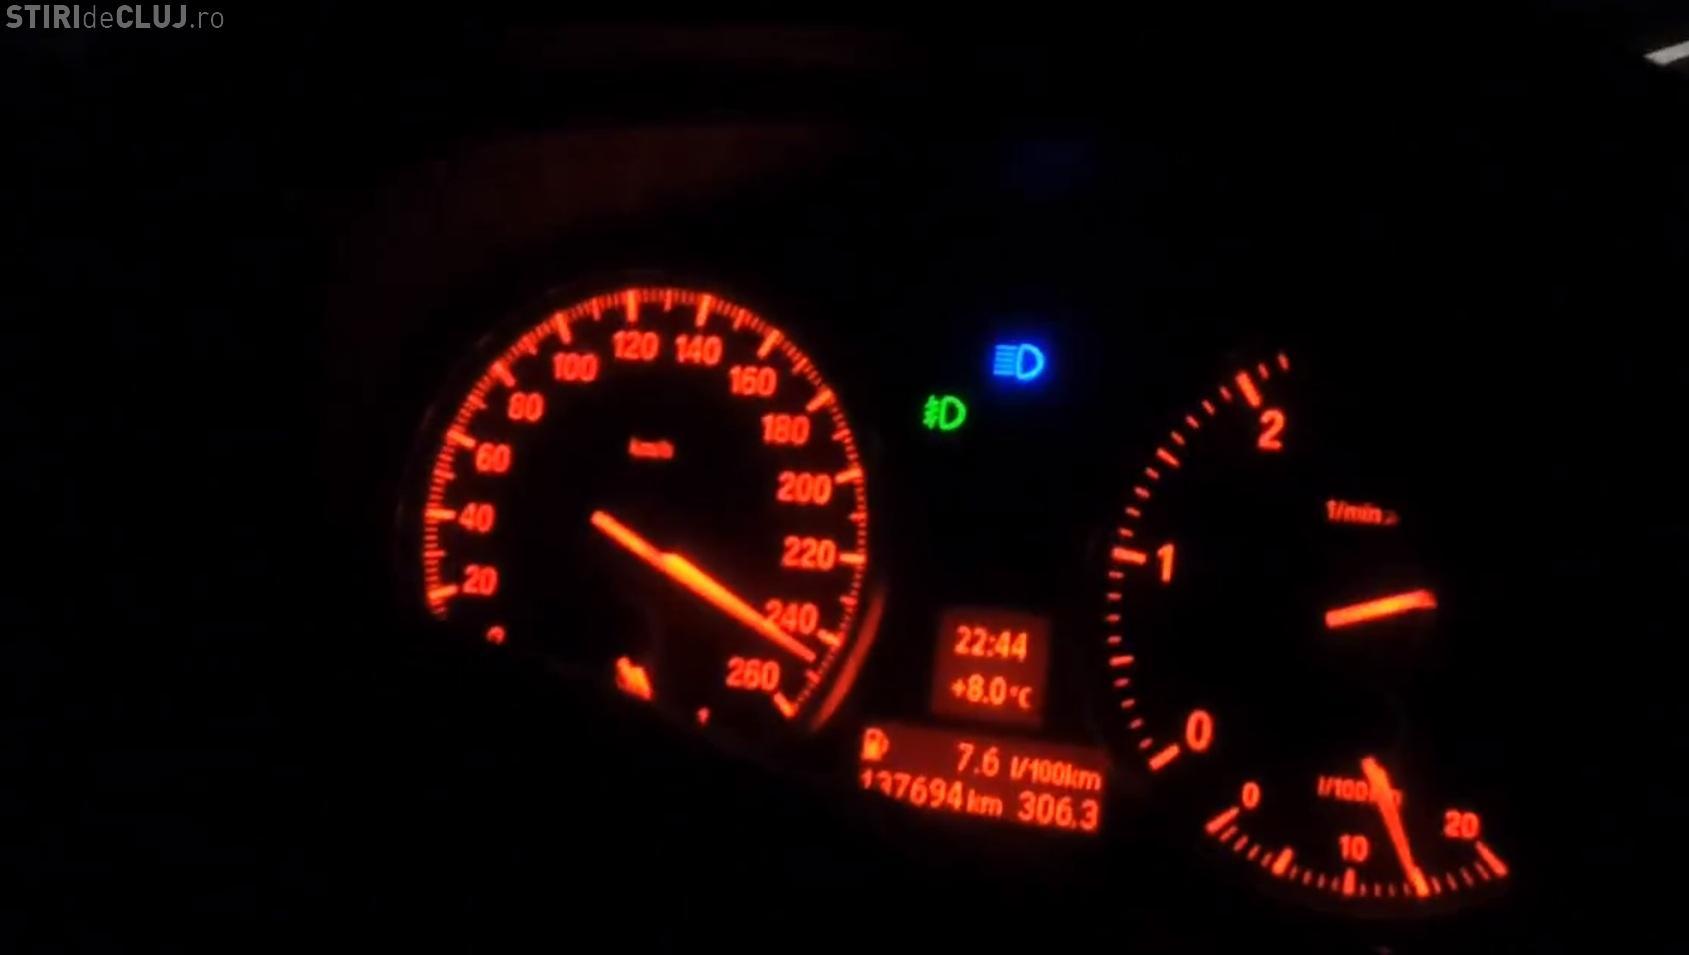 Noaptea, cu 250 km/h pe Autostrada Transilvania de la Câmpia Turzii la Gilău - VIDEO